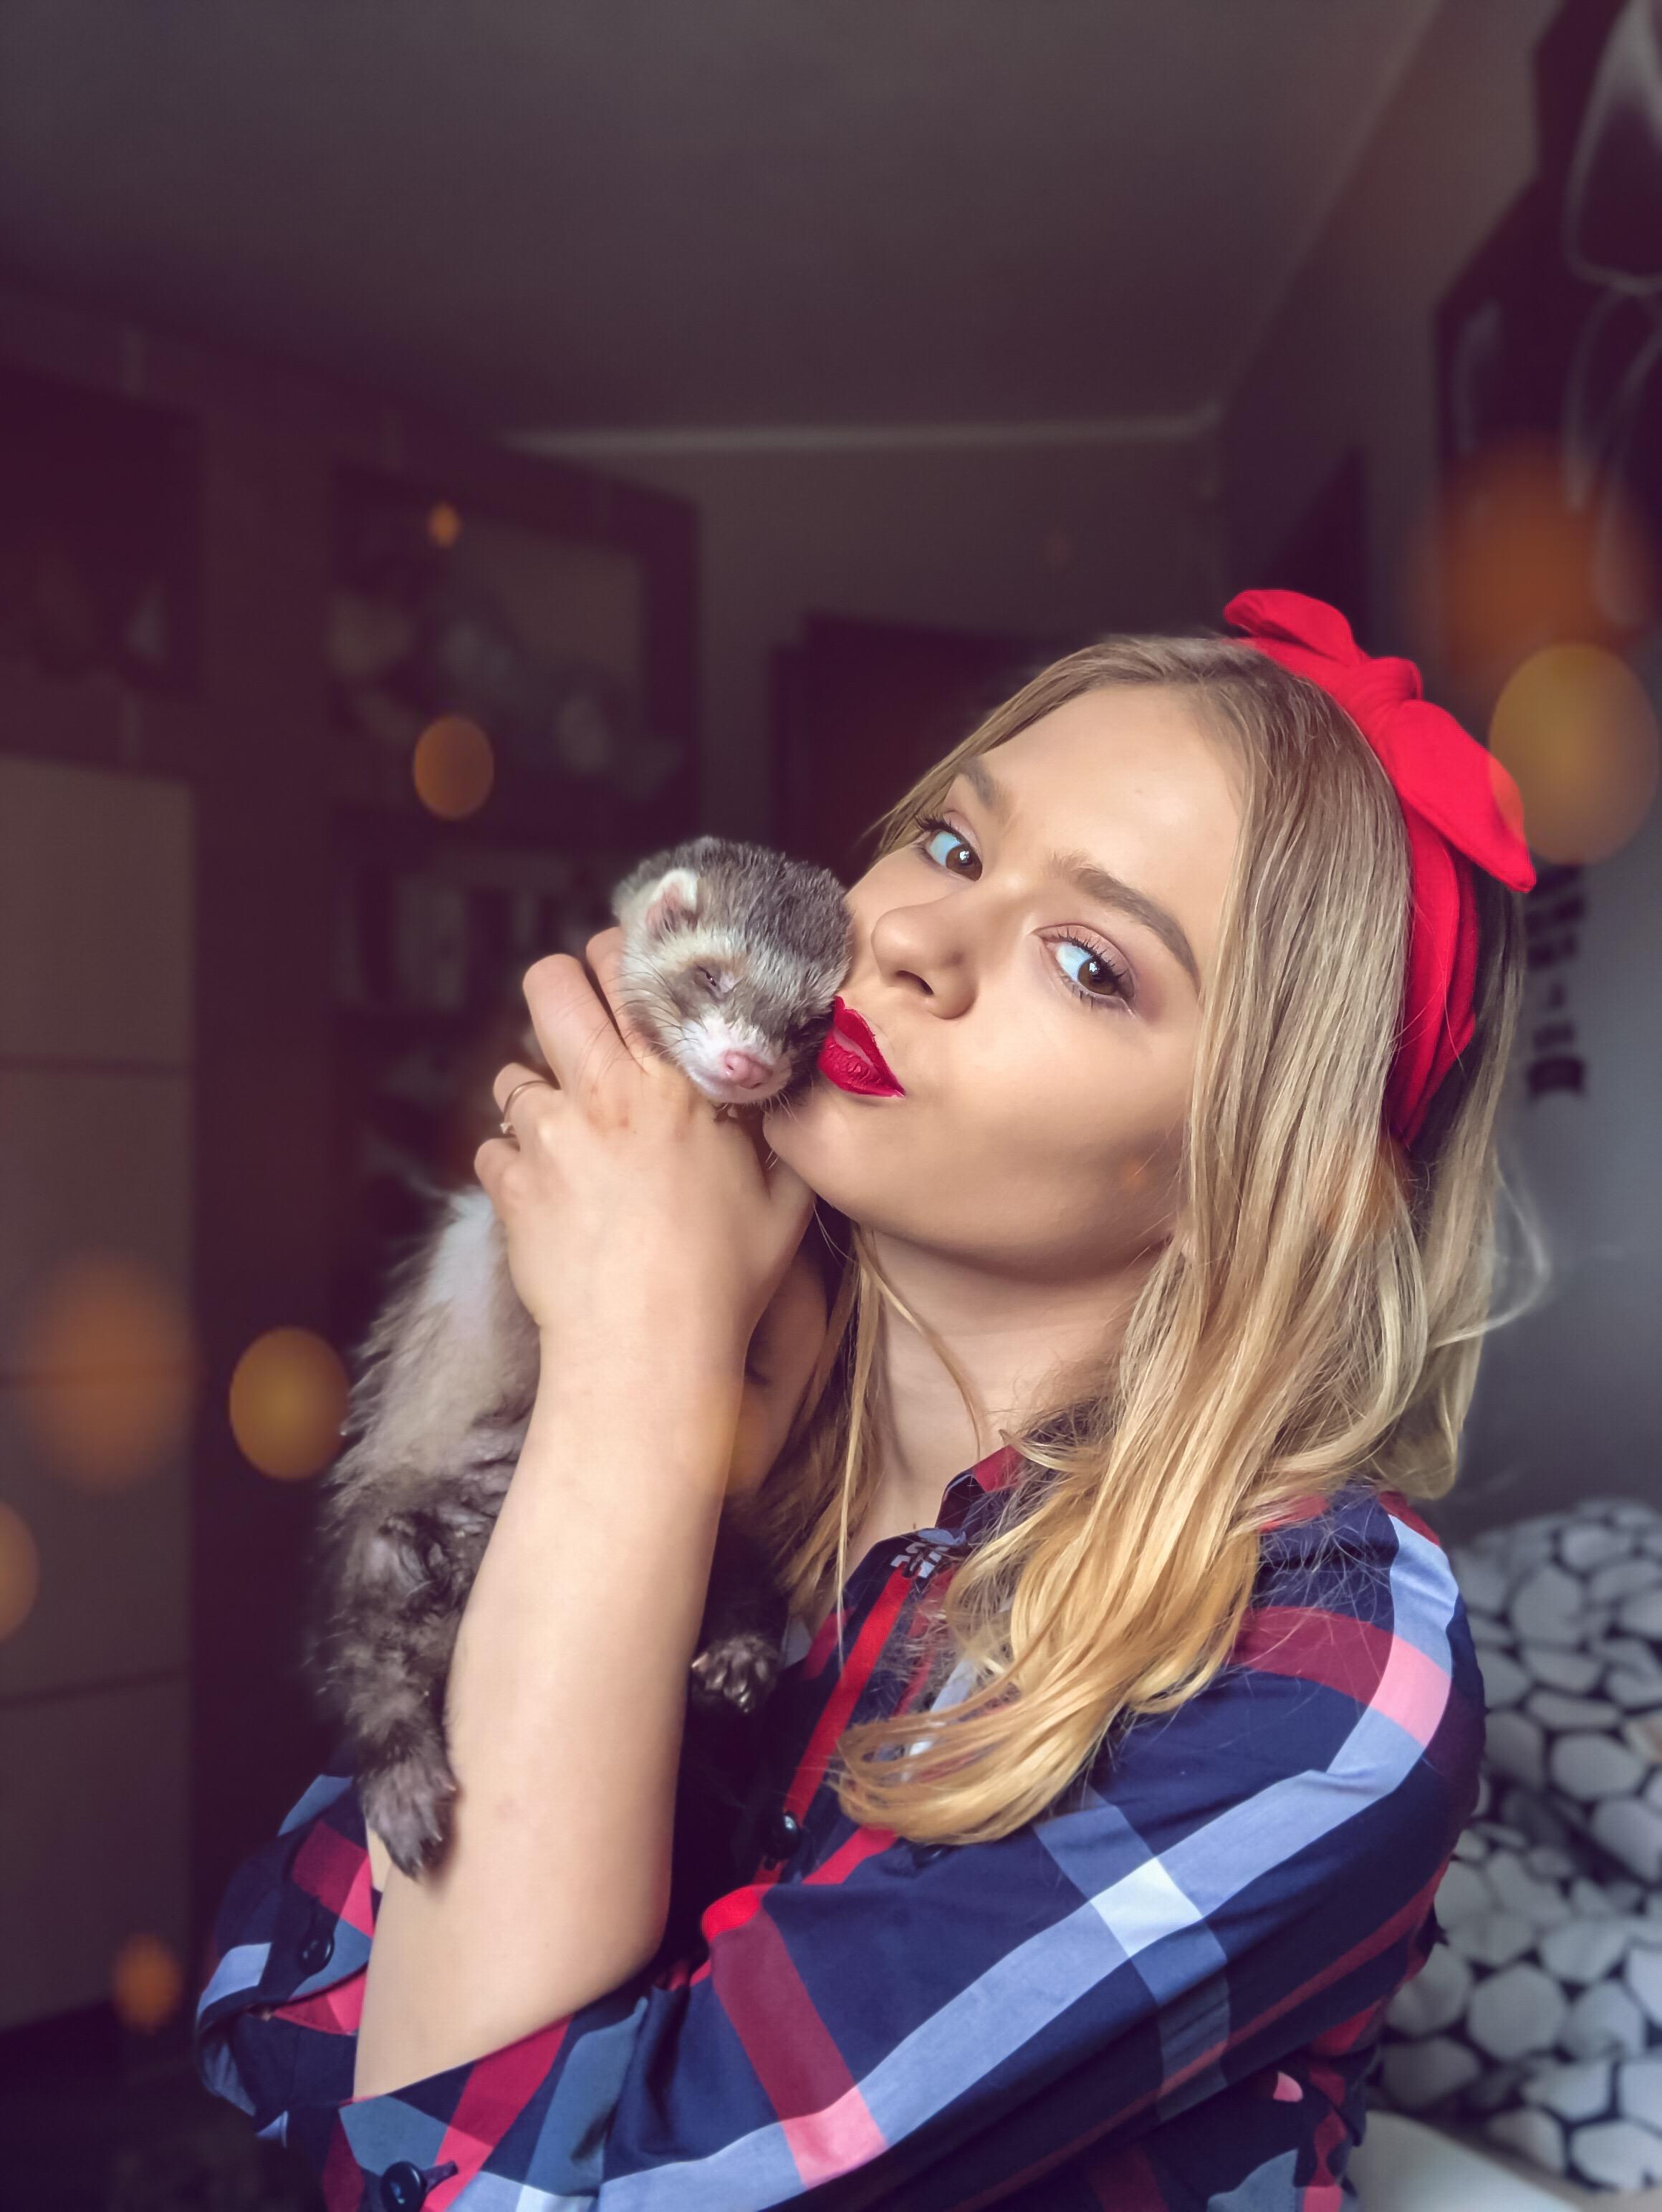 BlogStar: Zakochana Julia Wróblewska i najpopularniejsza Fretka w Polsce - BlogStar.pl